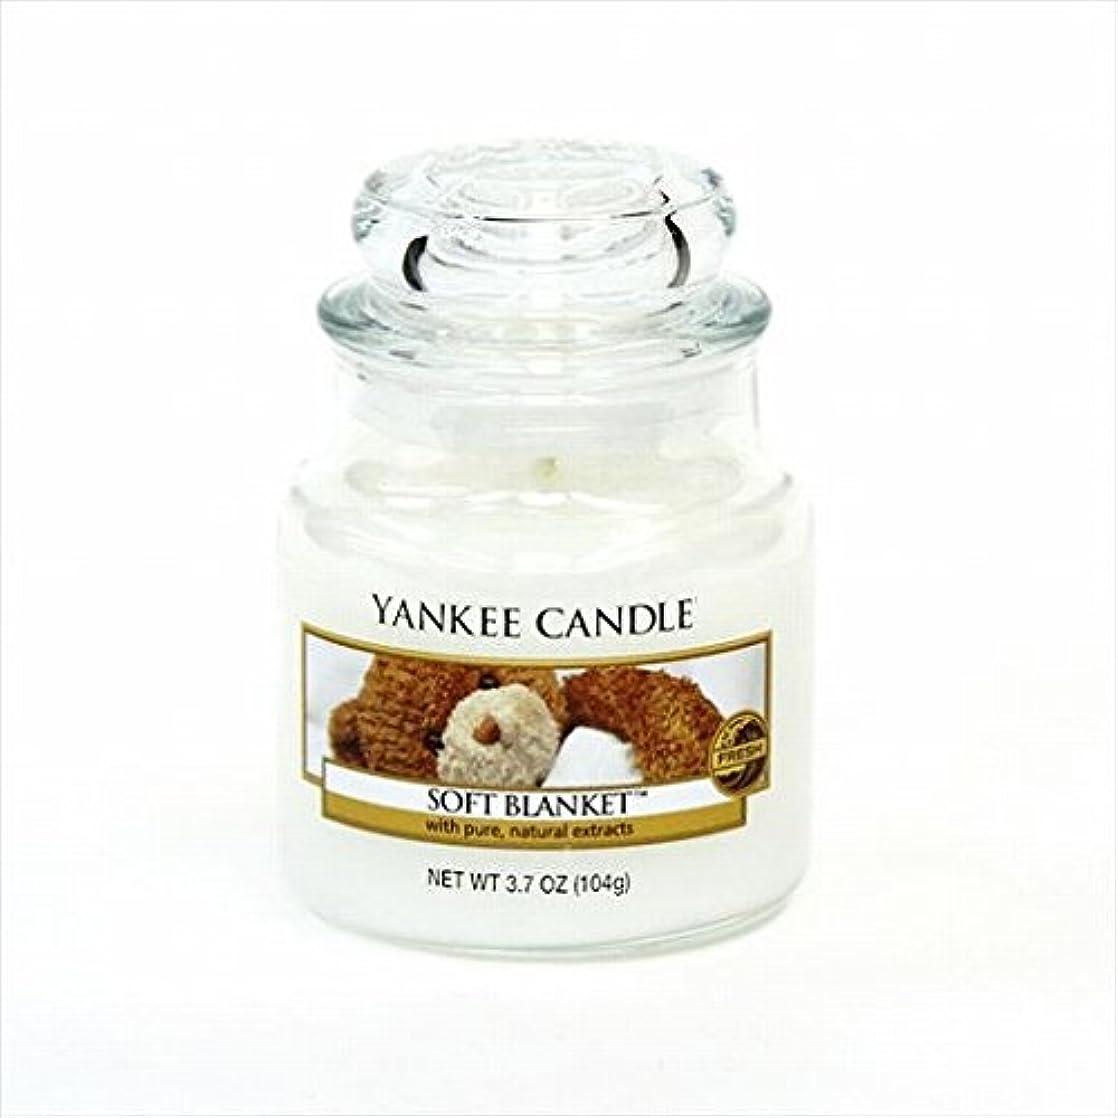 実験をするノベルティ感度カメヤマキャンドル(kameyama candle) YANKEE CANDLE ジャーS 「 ソフトブランケット 」